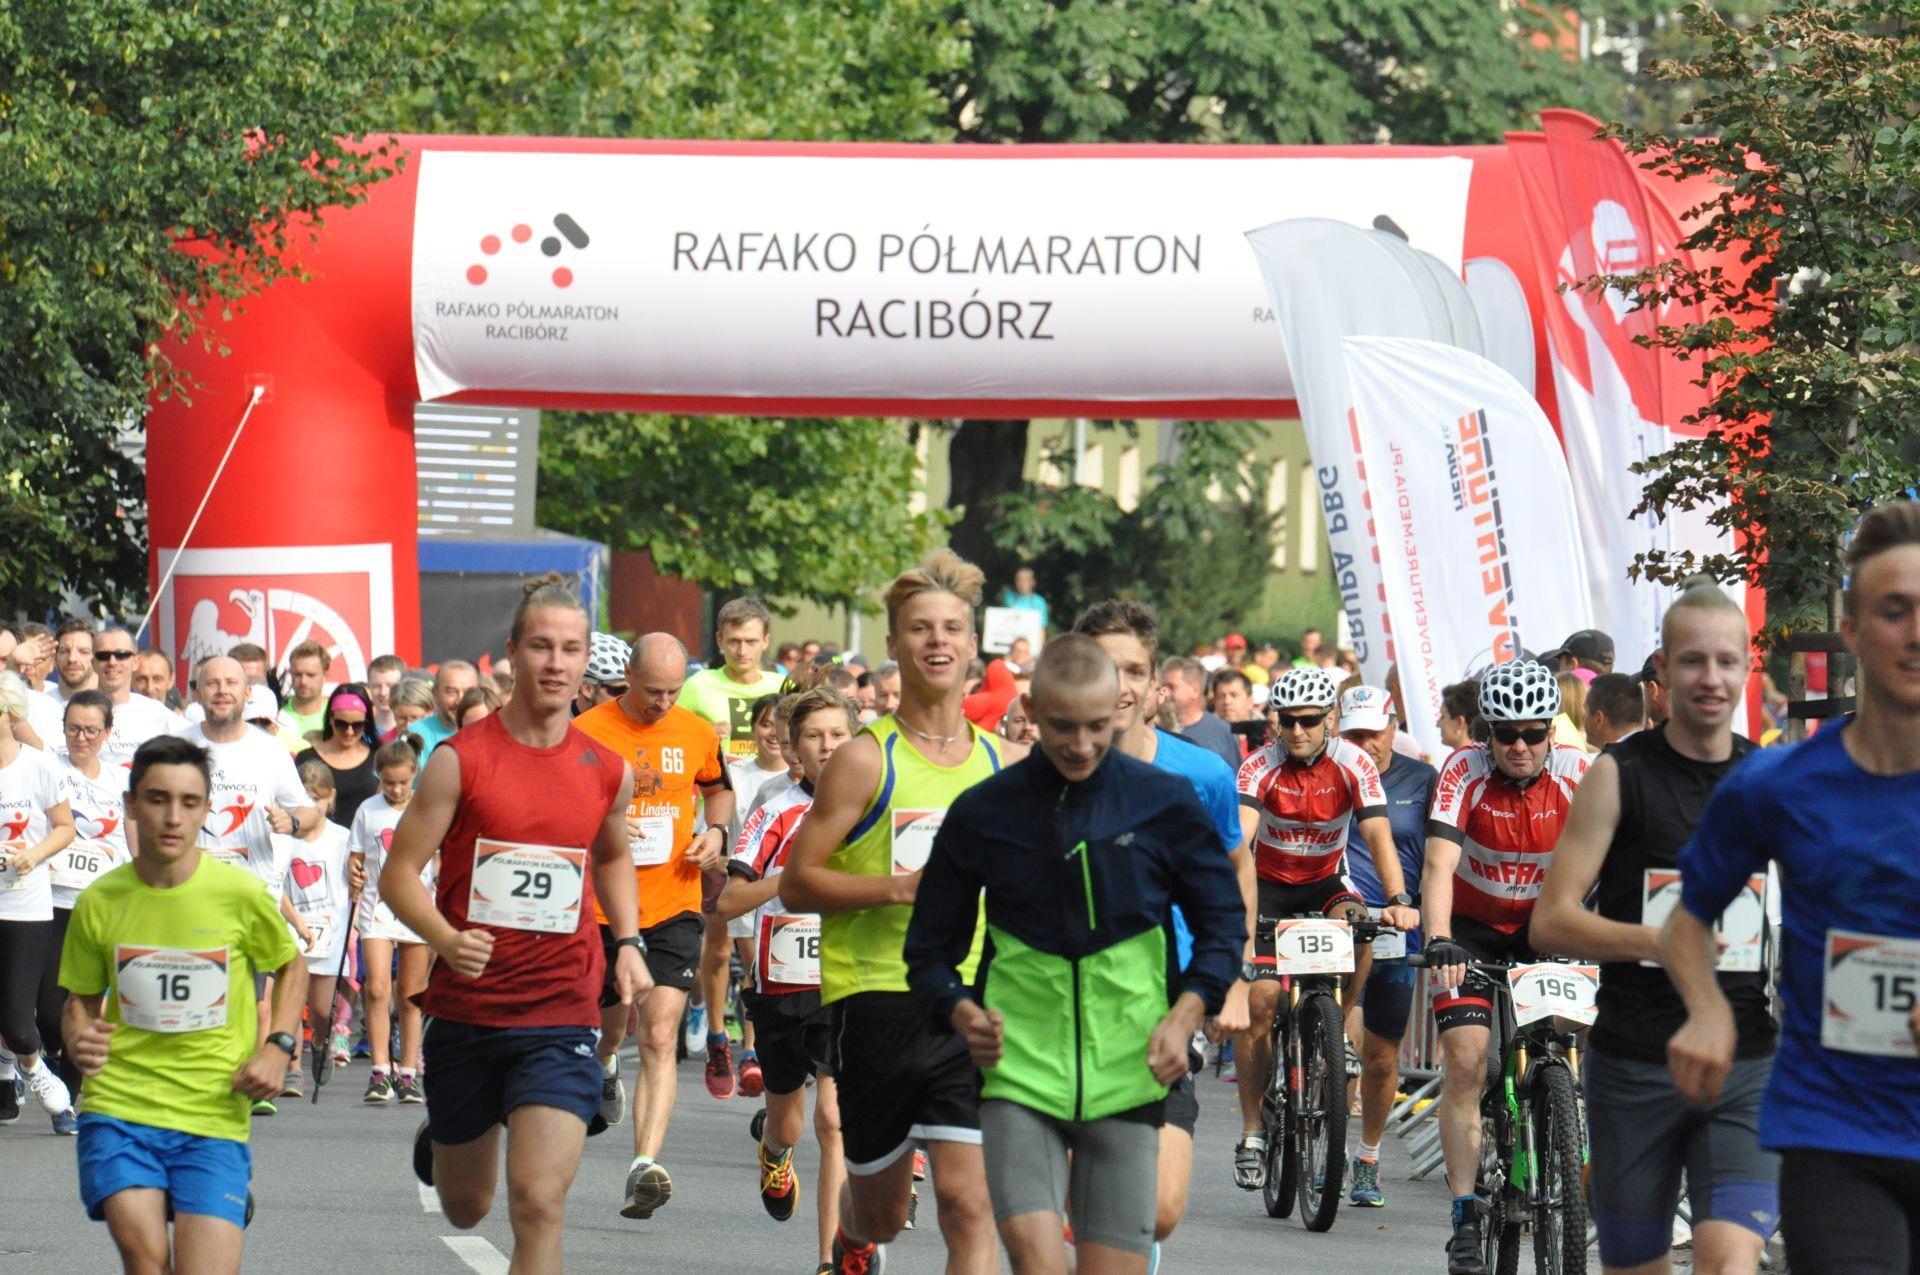 IV Mini RAFAKO Półmaraton Racibórz - trwają zapisy